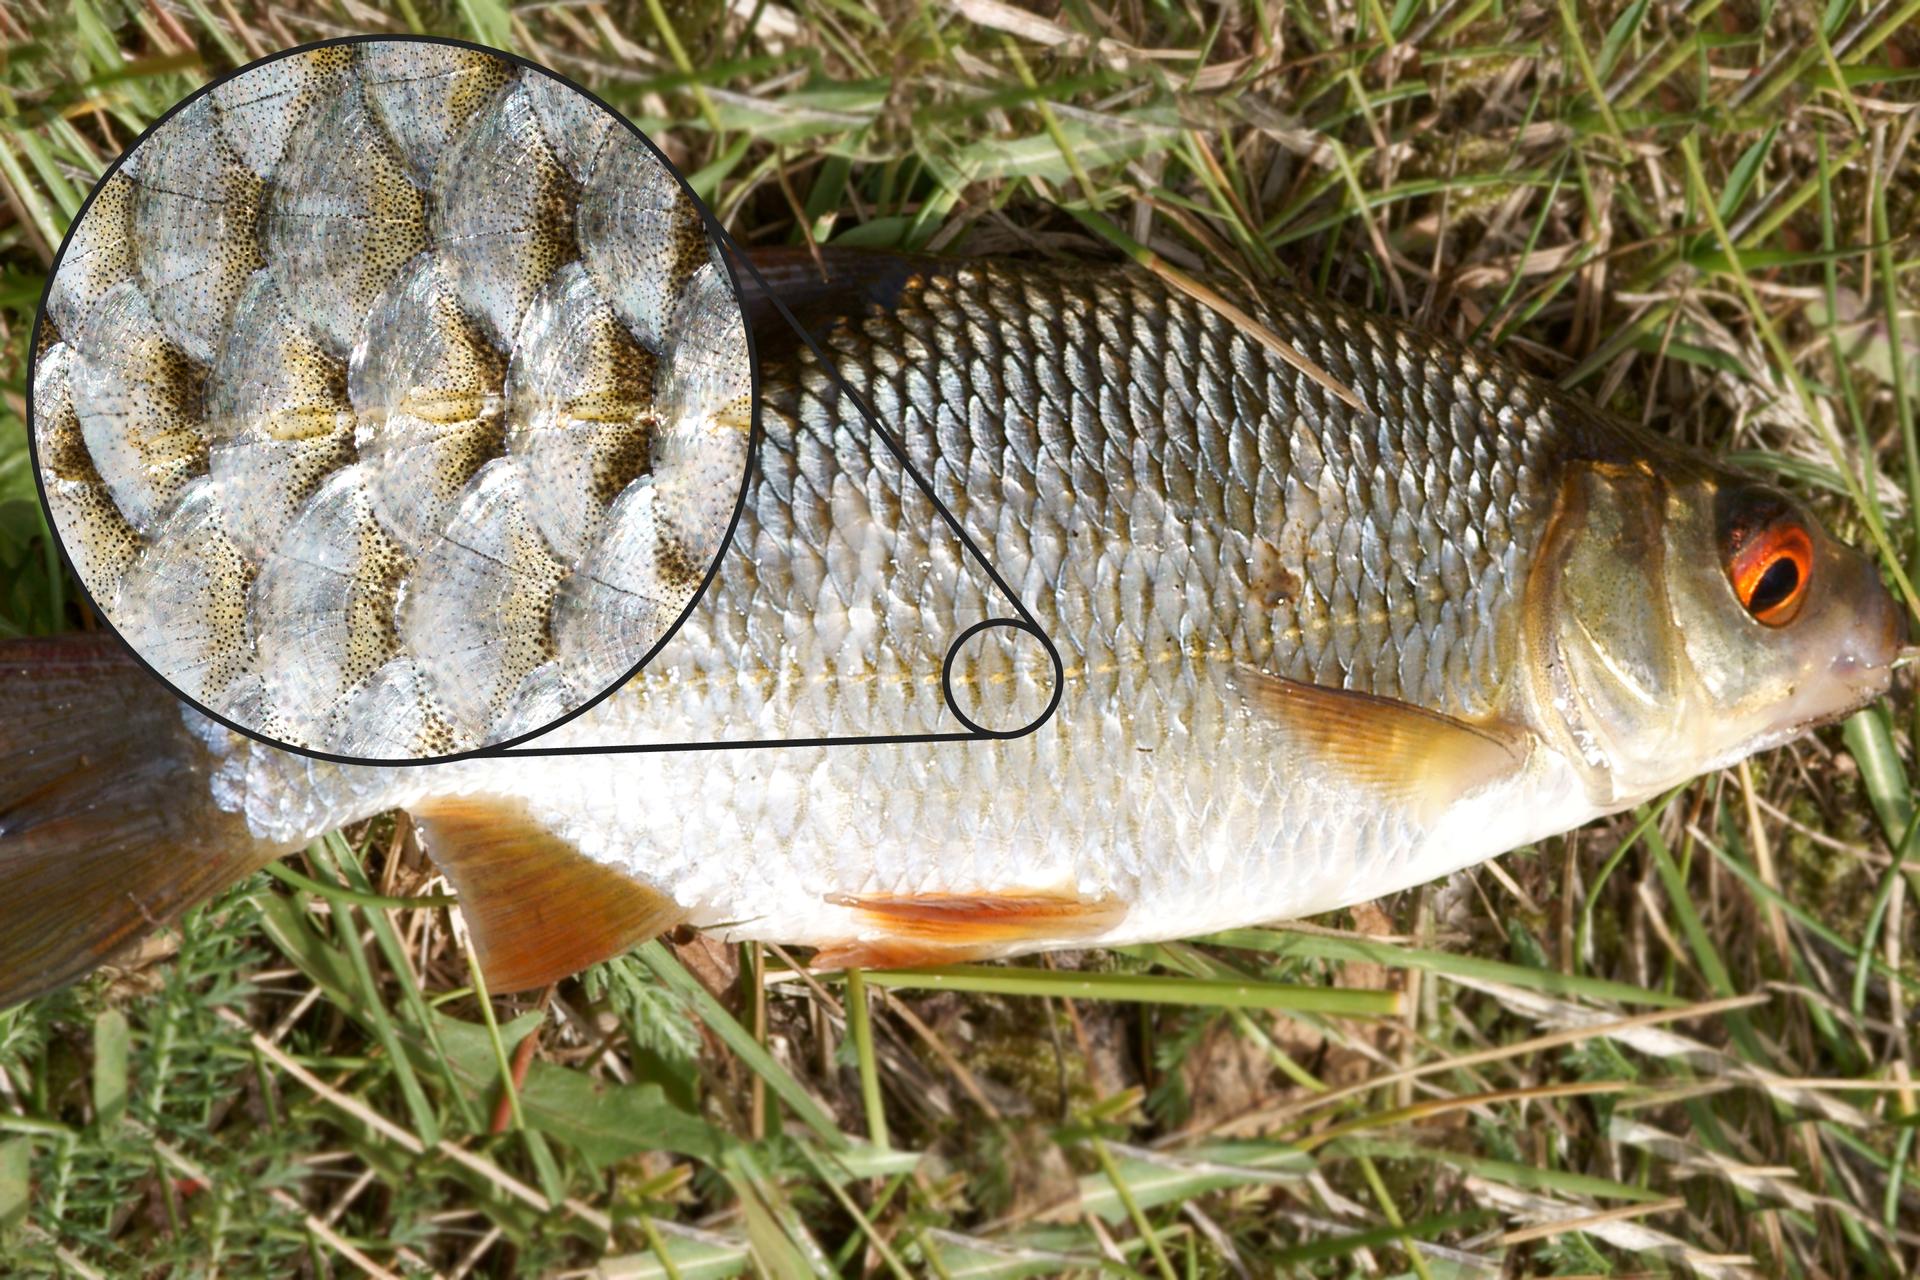 Fotografia przedstawia leżącą na boku srebrzystą rybę. Głowa zpomarańczowym okiem zprawej. Płetwy na brzuchu pomarańczowe, pozostałe brązowe. Łuski srebrzyste, zżółtawą poziomą linią naboczną wpołowie ciała. Zlewej powiększenie fragmentu skóry ryby zlinii nabocznej. Włuskach beżowe, niewielkie owalne otwory.